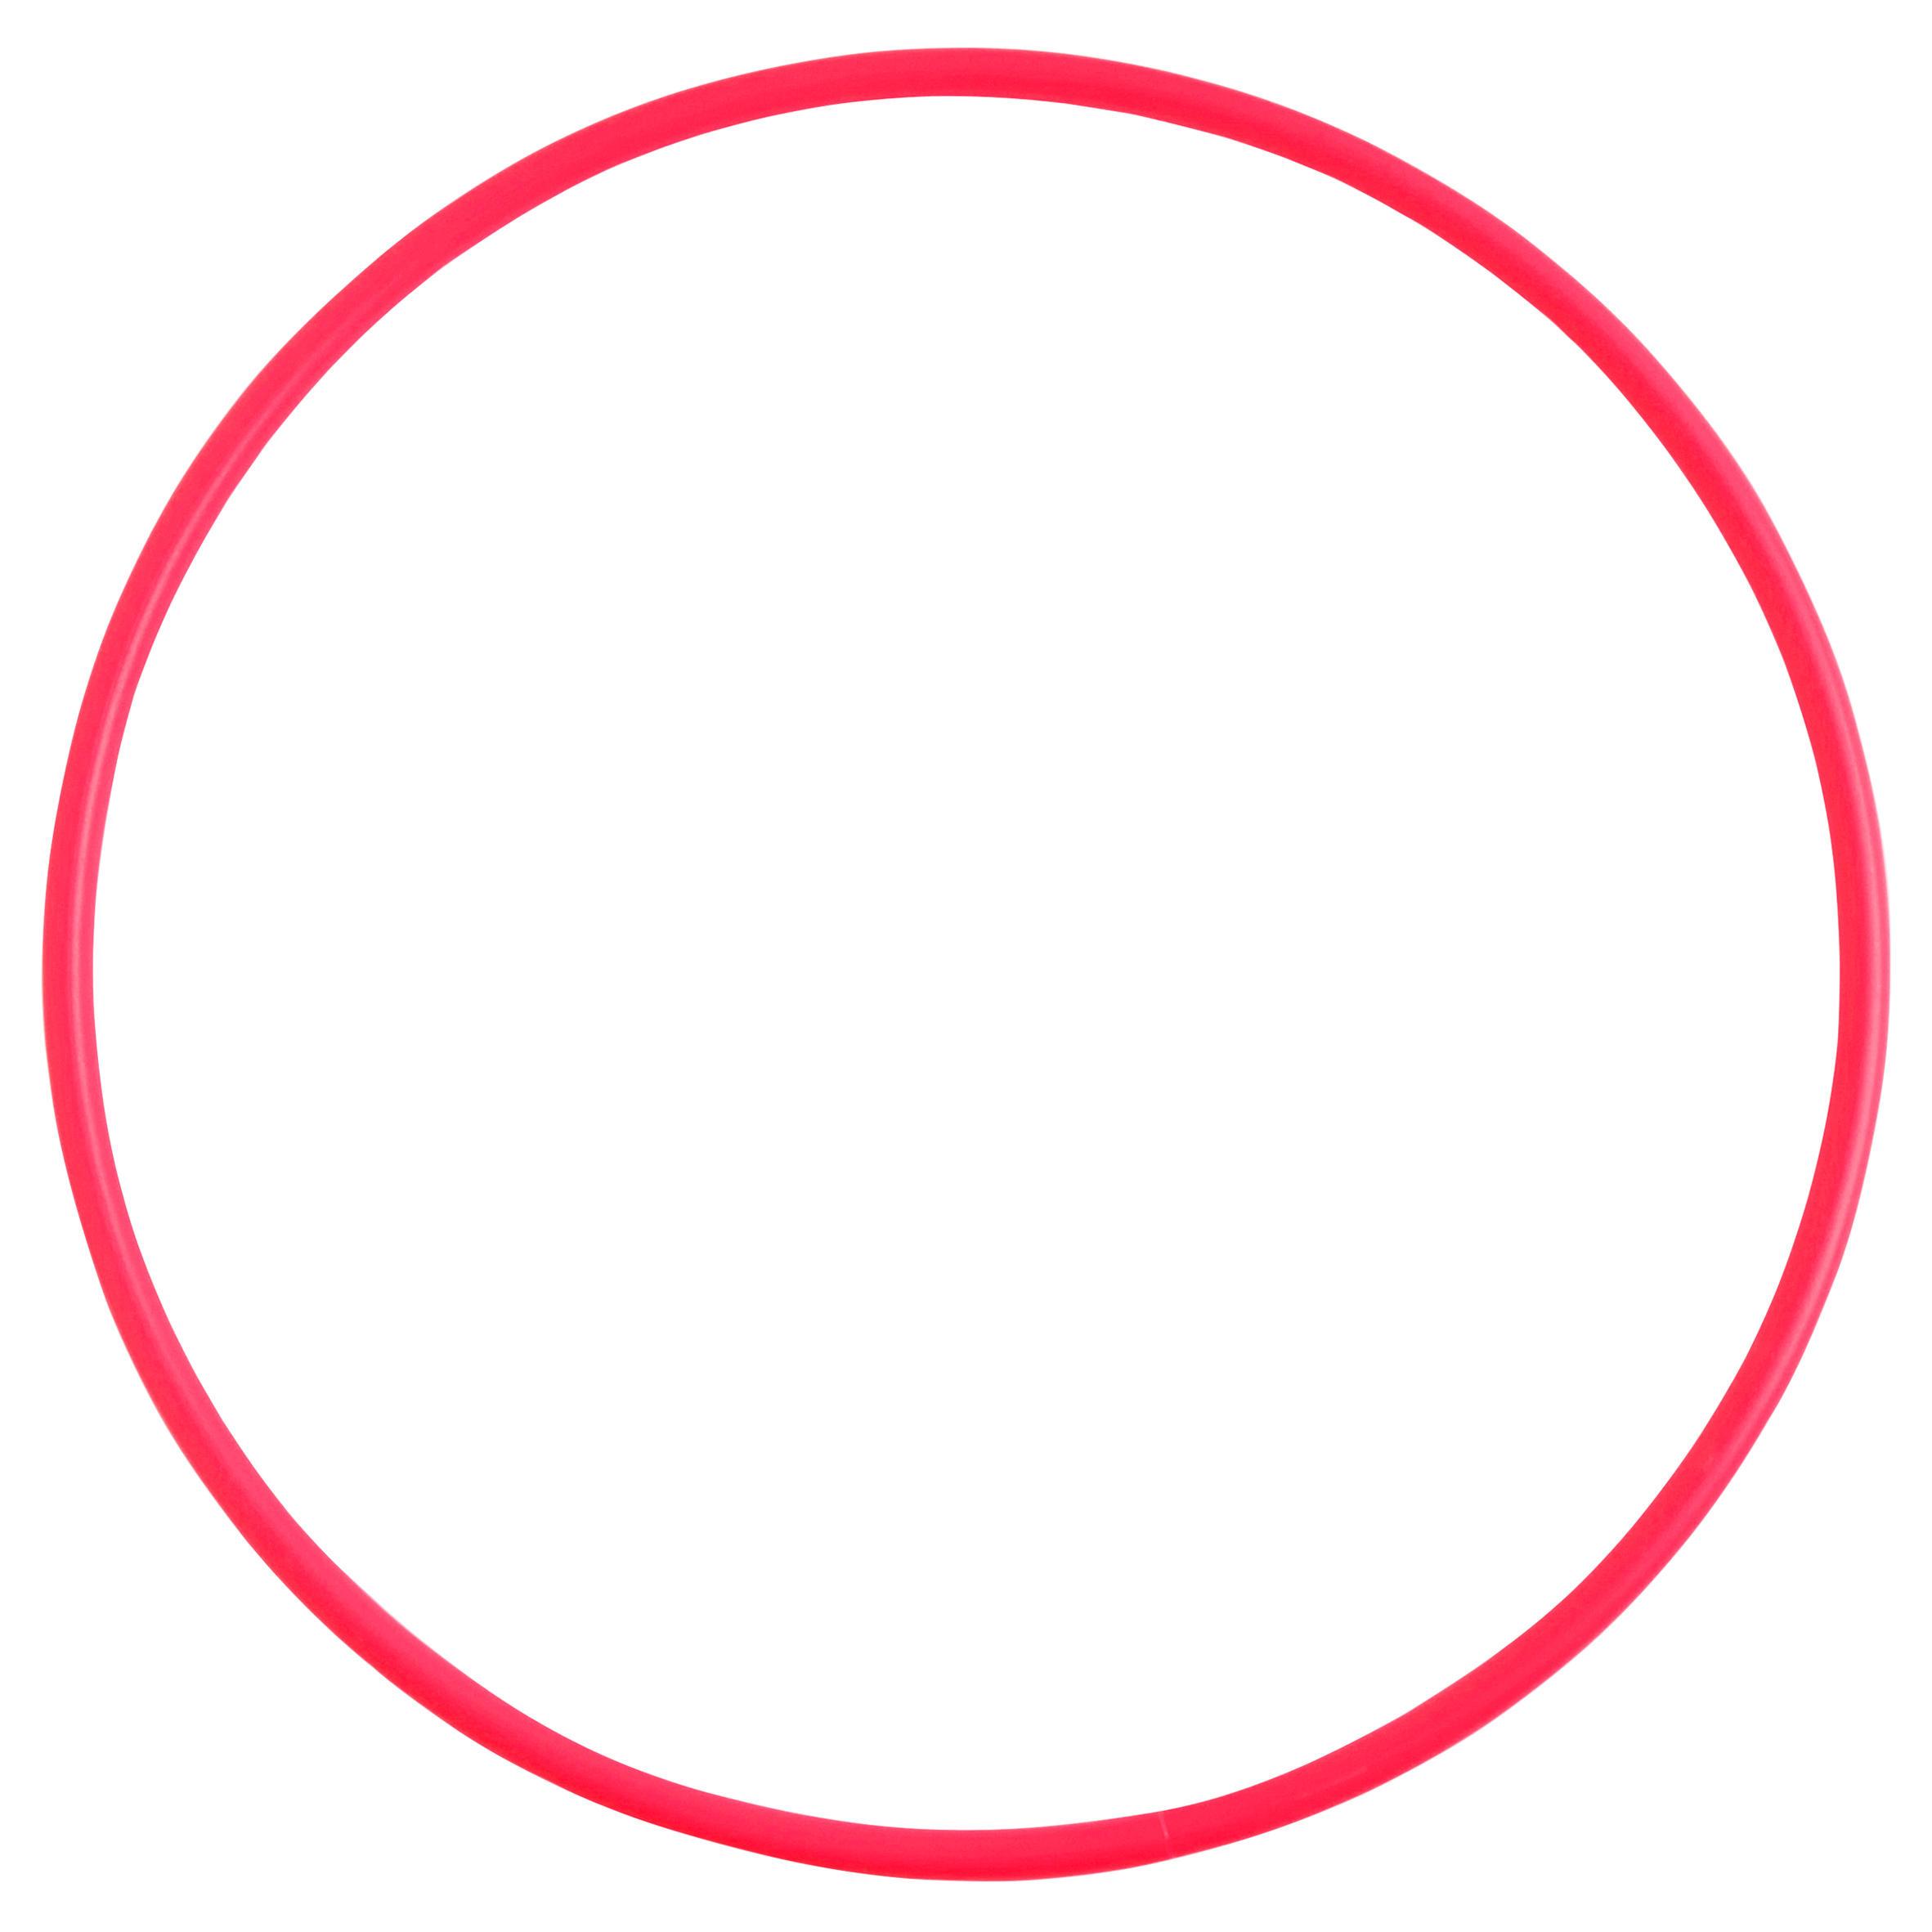 Cerc Gimnastică Ritmică 75 cm